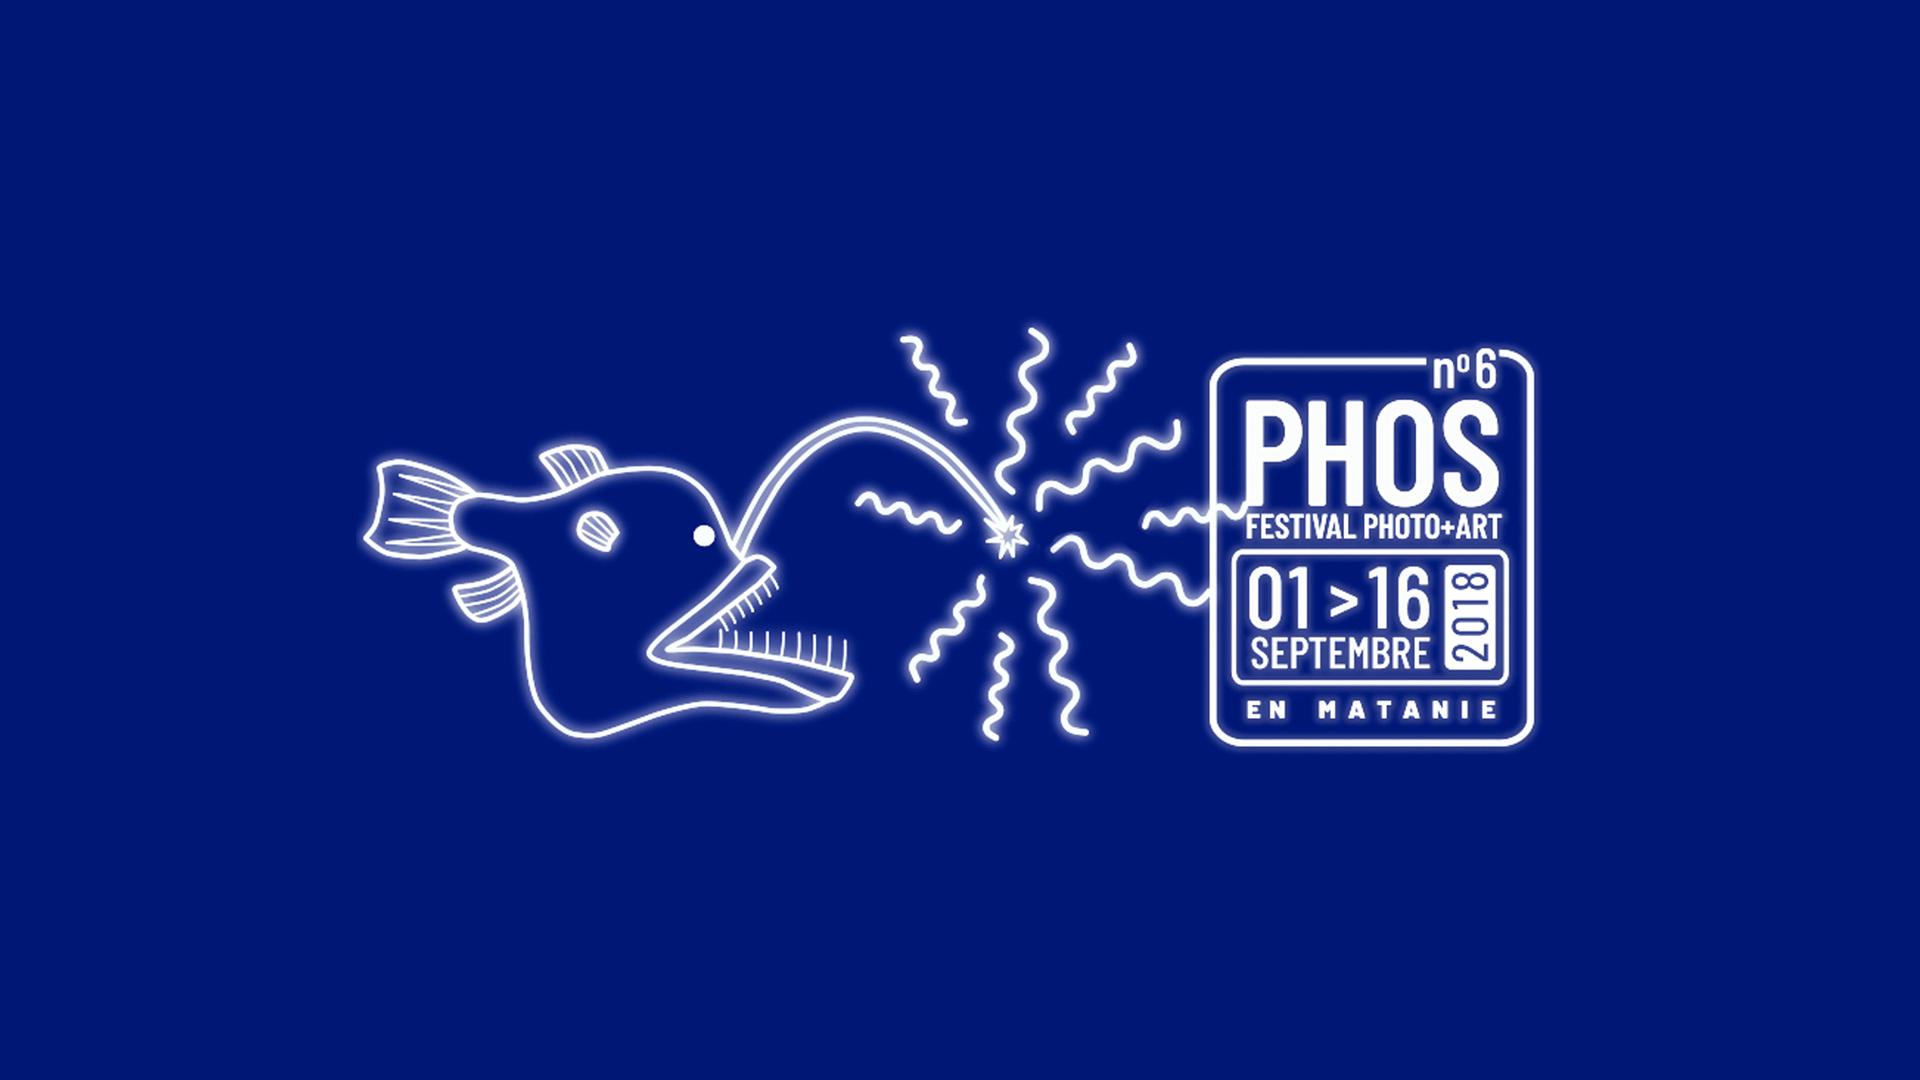 Pour une sixième année consécutive, PHOS – Festival photo + art se tiendra du 1er au 16 septembre prochain